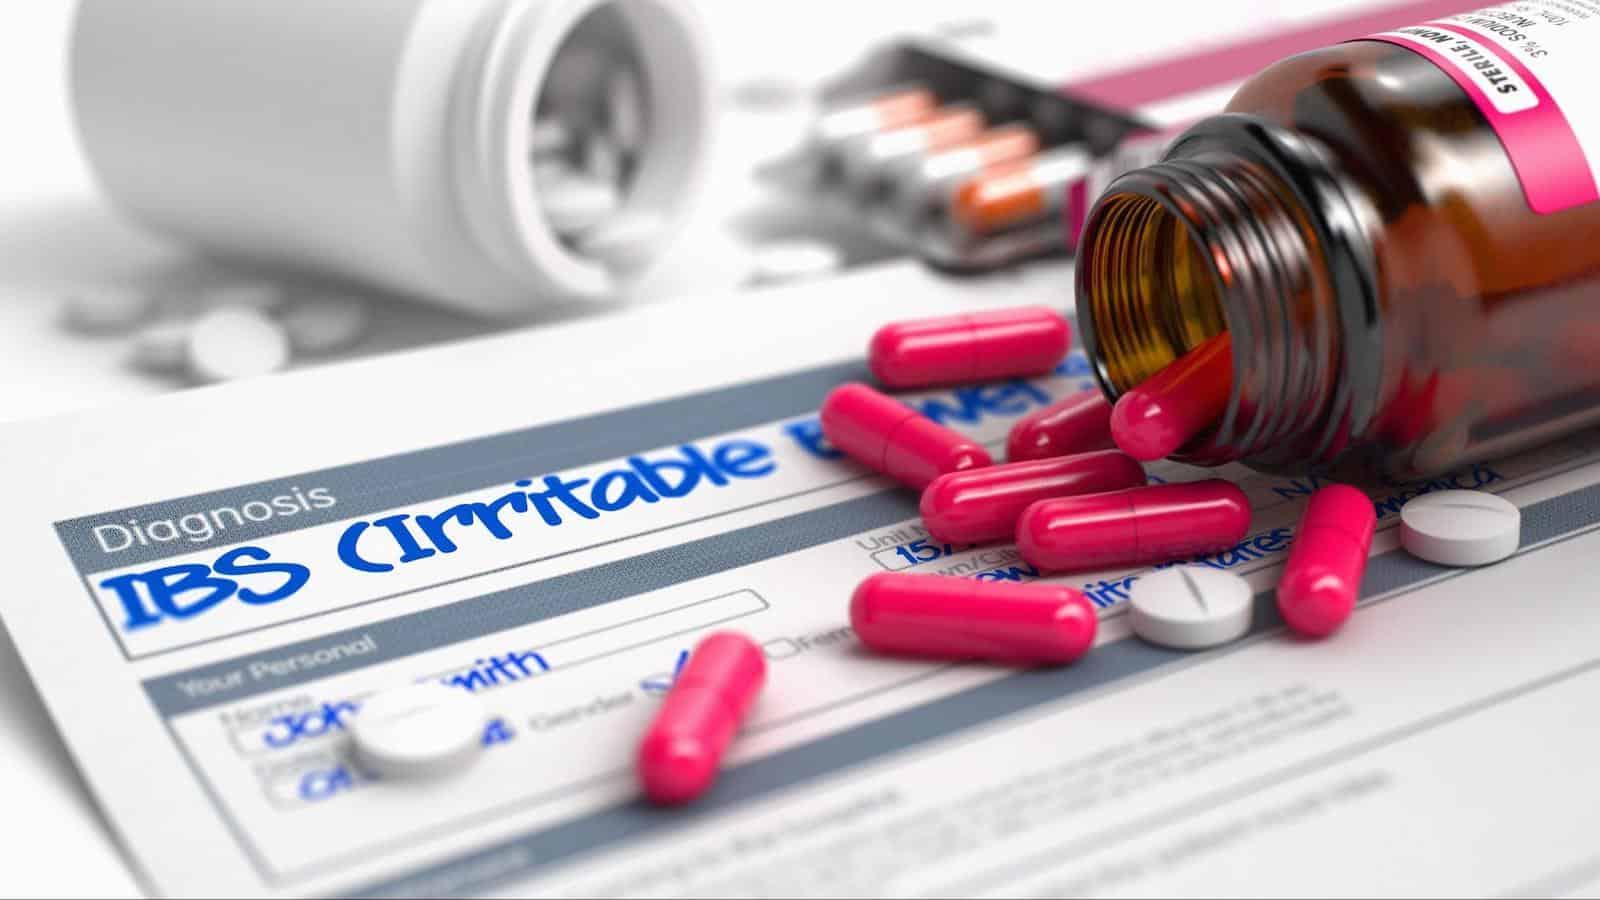 IBS pain: Heap of pills